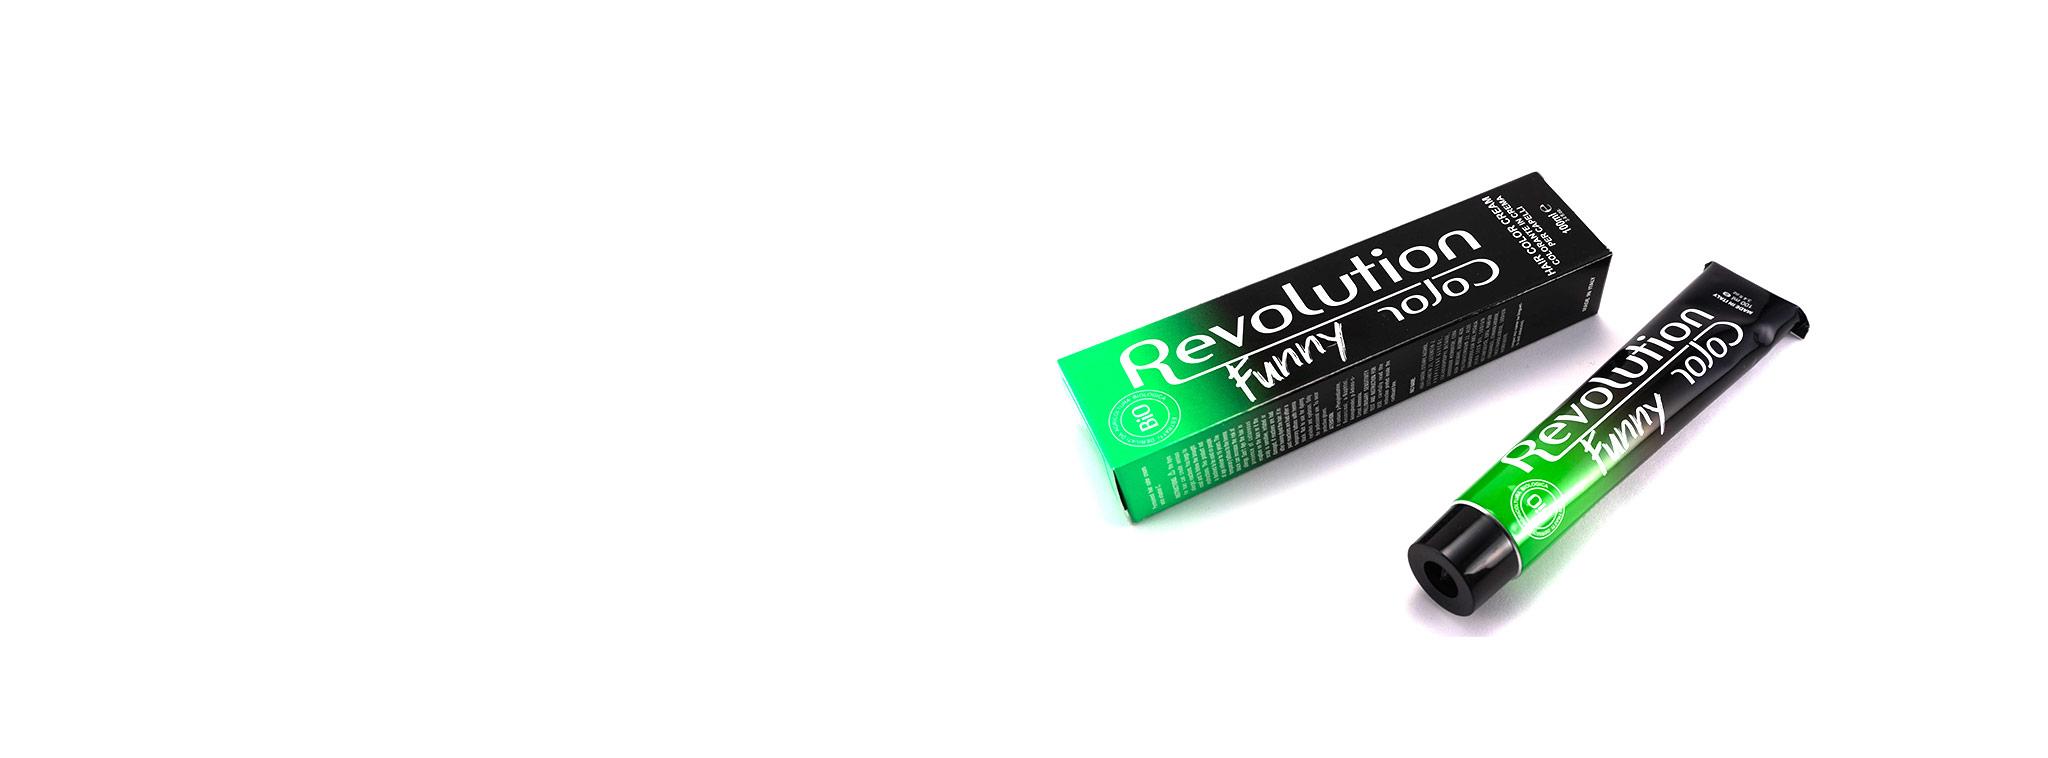 REVOLUTION FUNNY